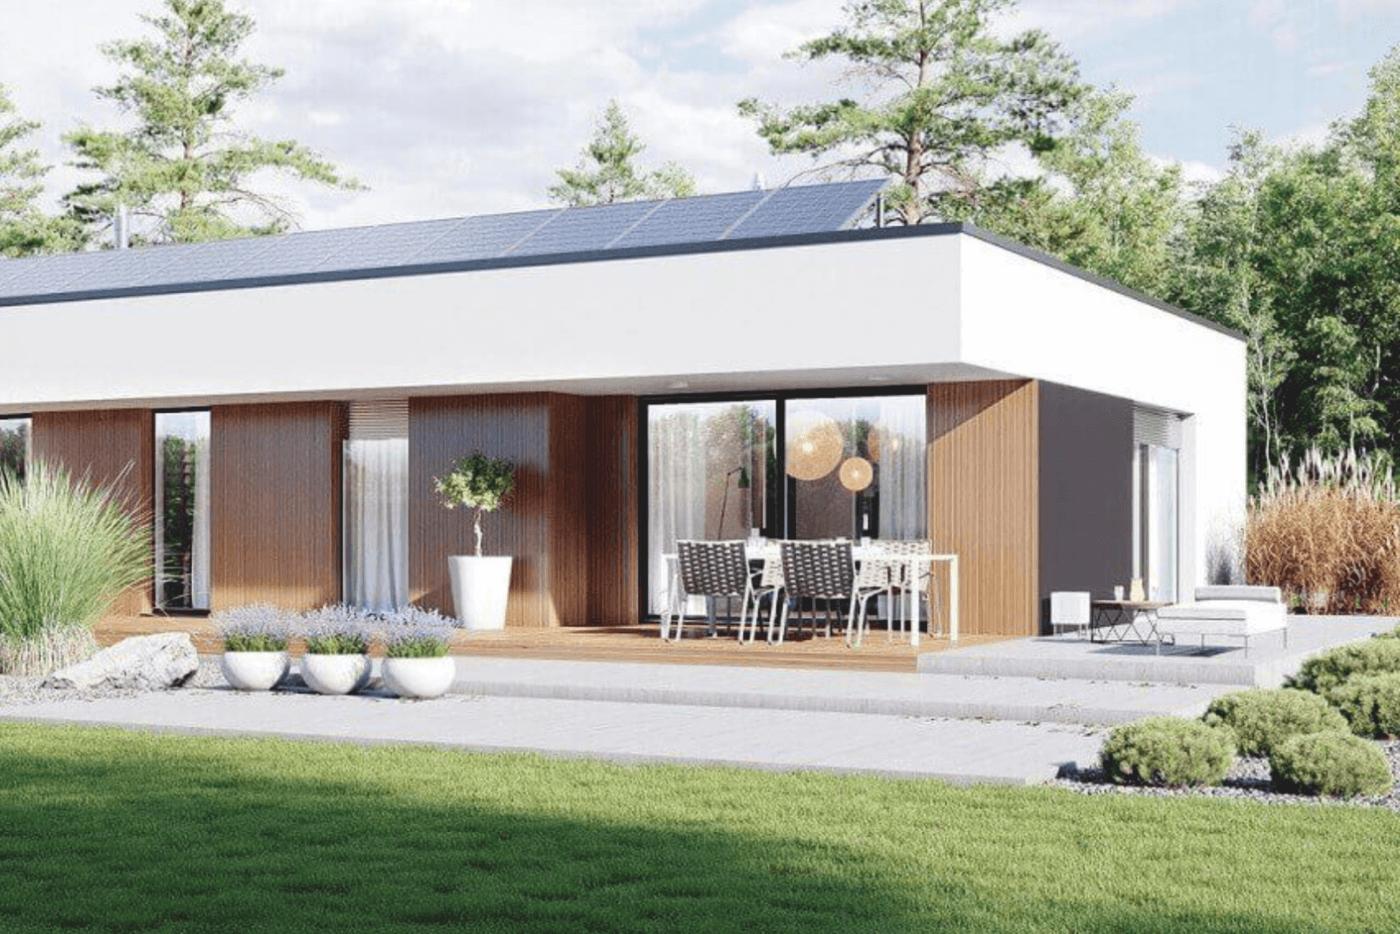 Projekt domu z roletami zewnętrznymi